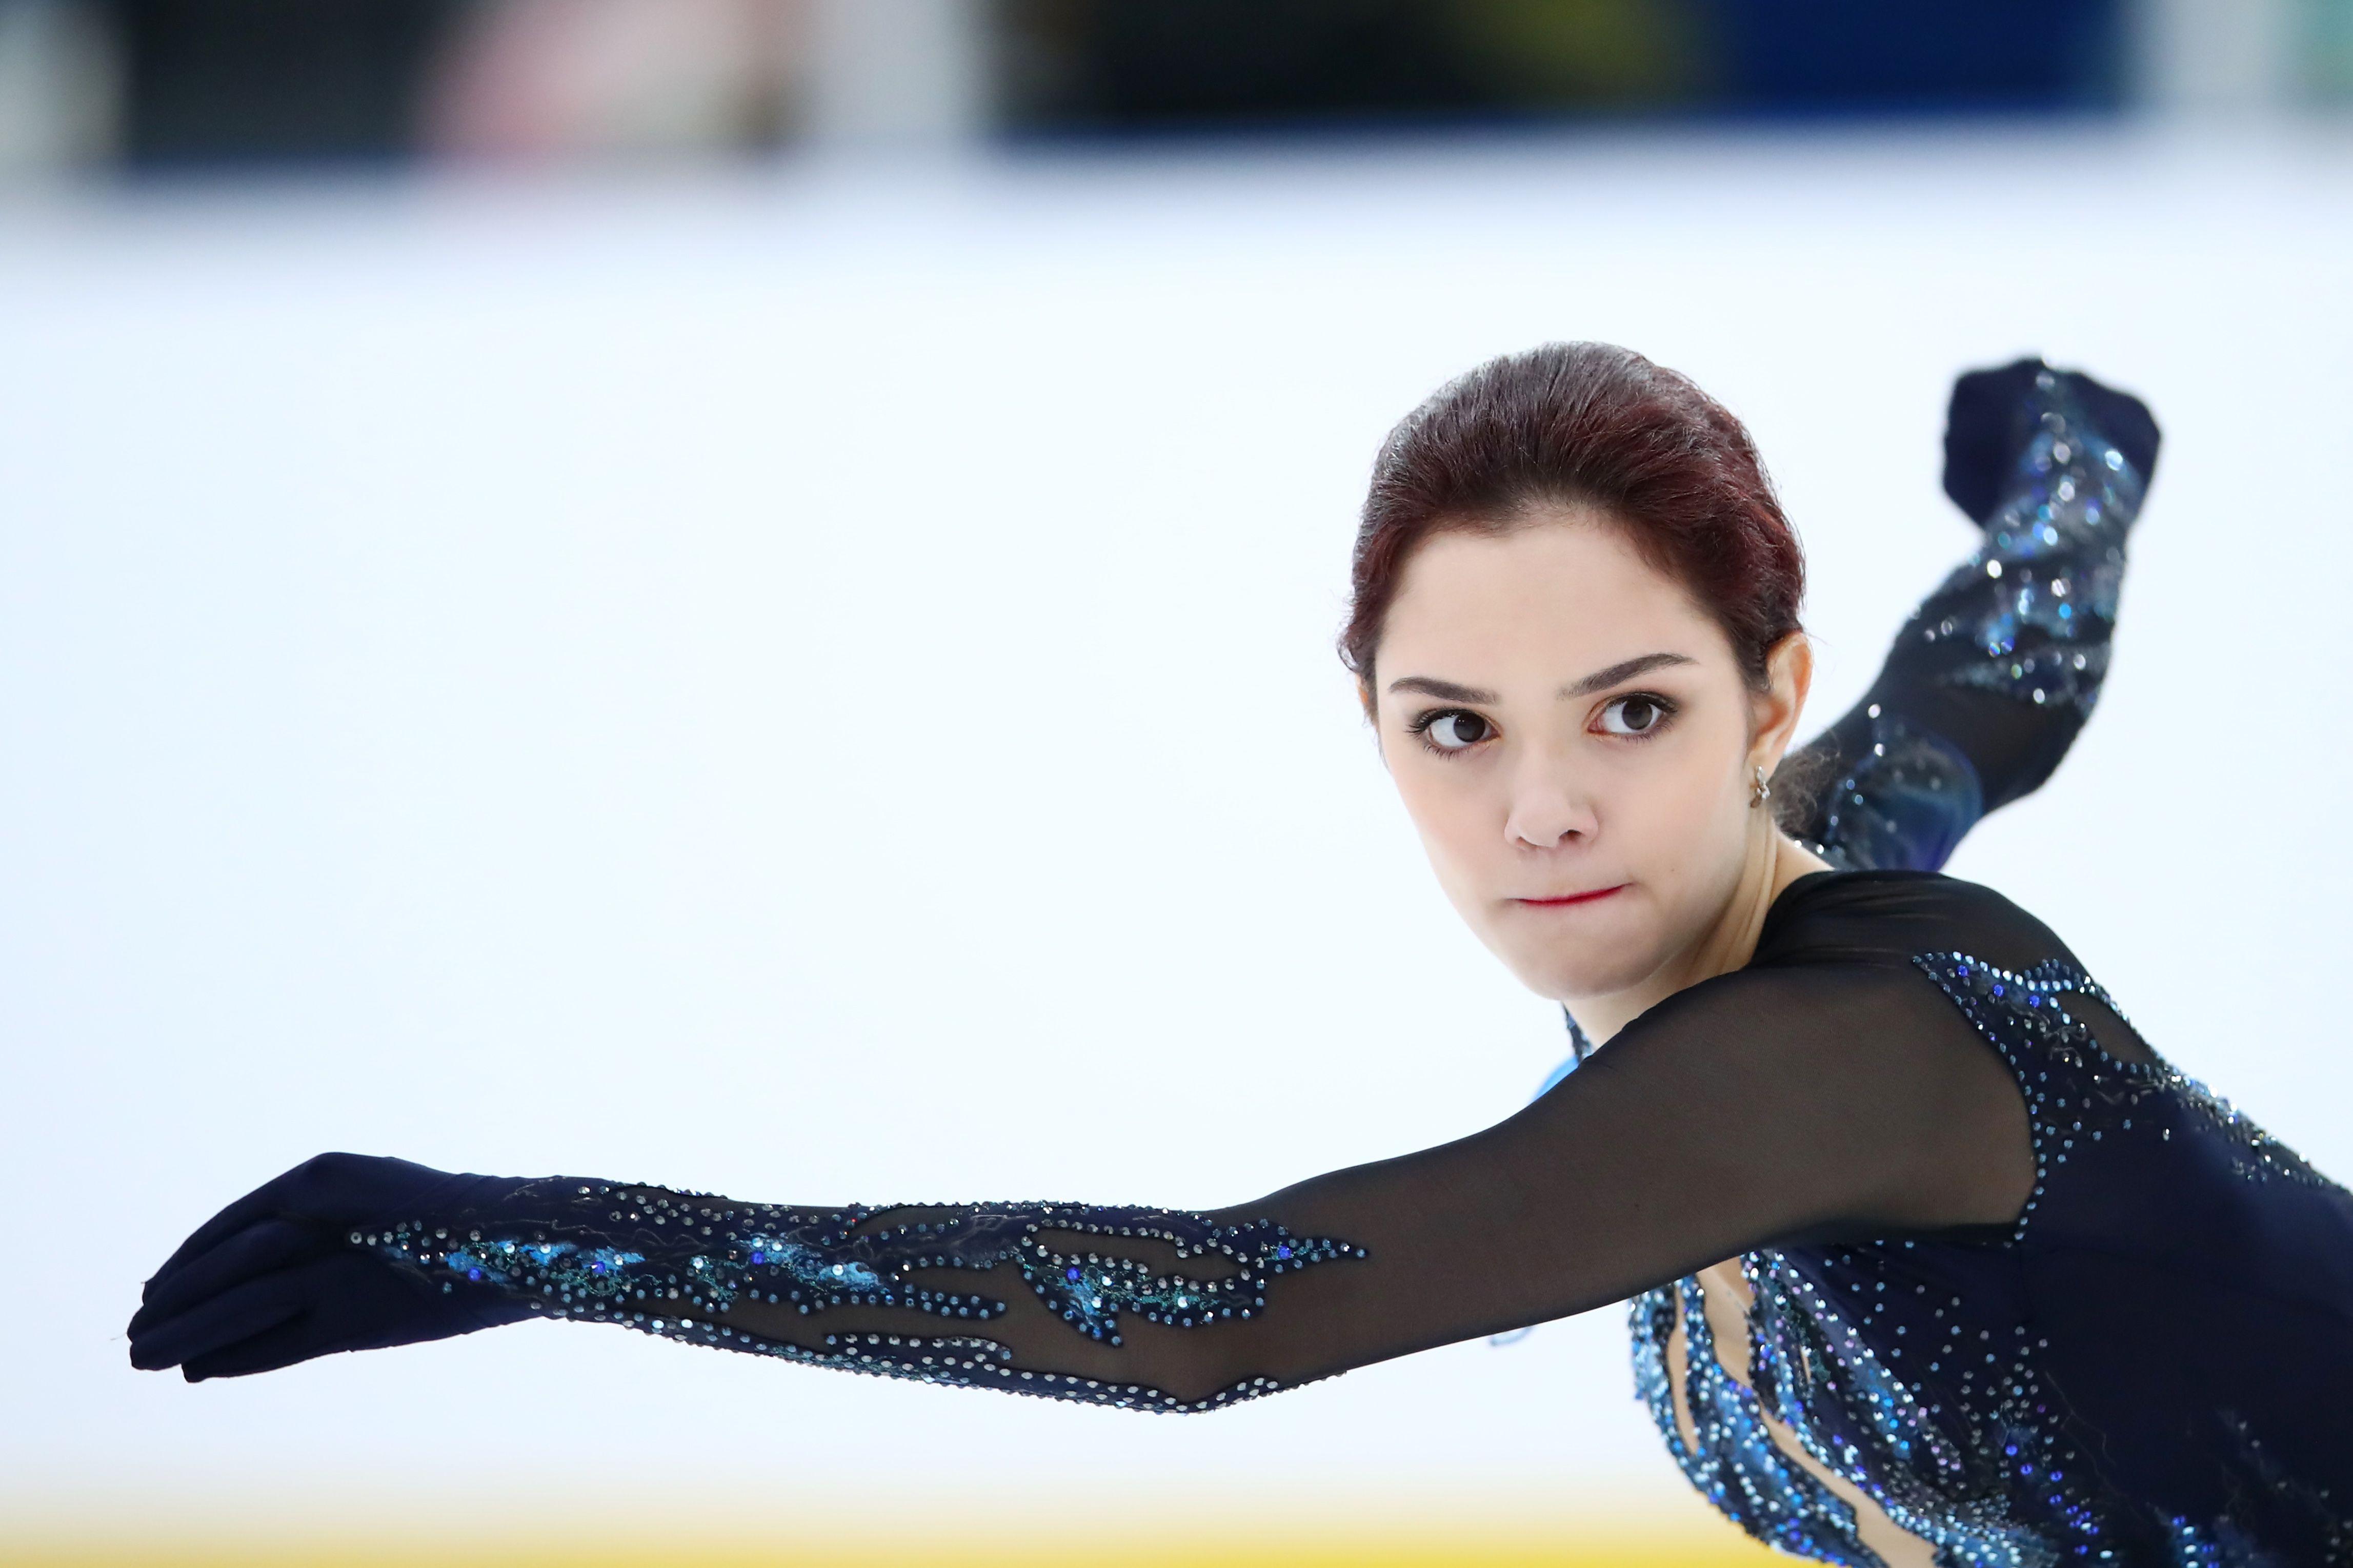 Медведева пропустит чемпионат России по фигурному катанию